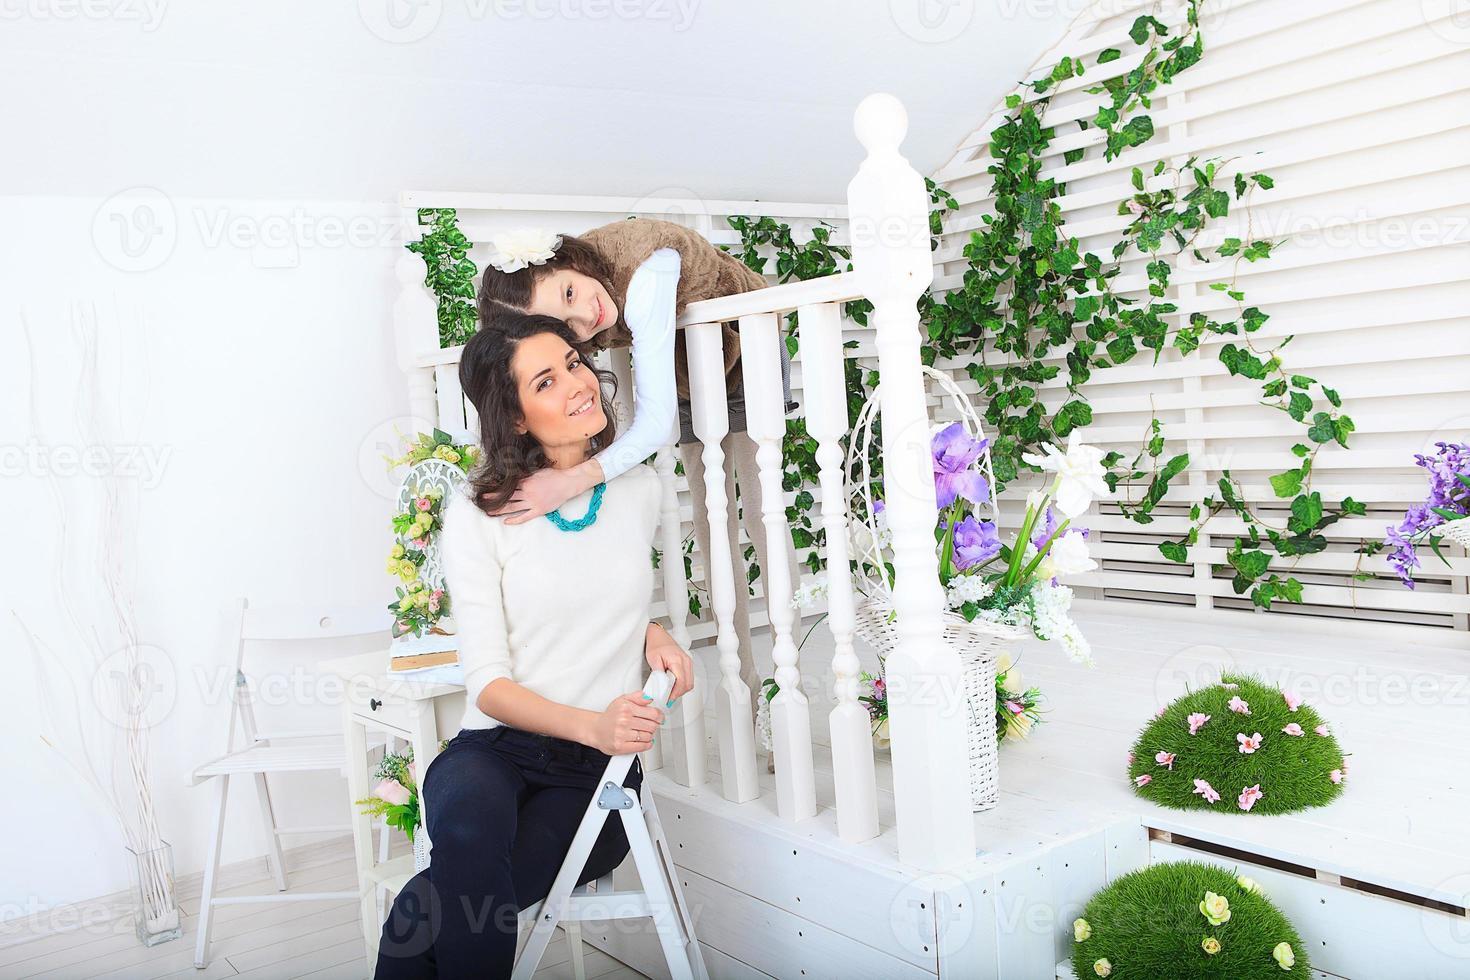 schöne junge Mutter, die als ihre Tochter lächelt foto